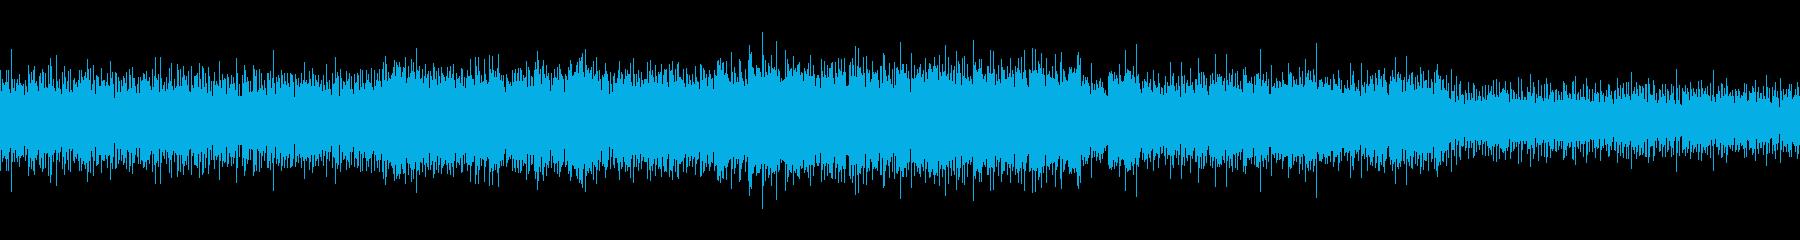 幻想的な切なさに包まれたアコギの伴奏の曲の再生済みの波形